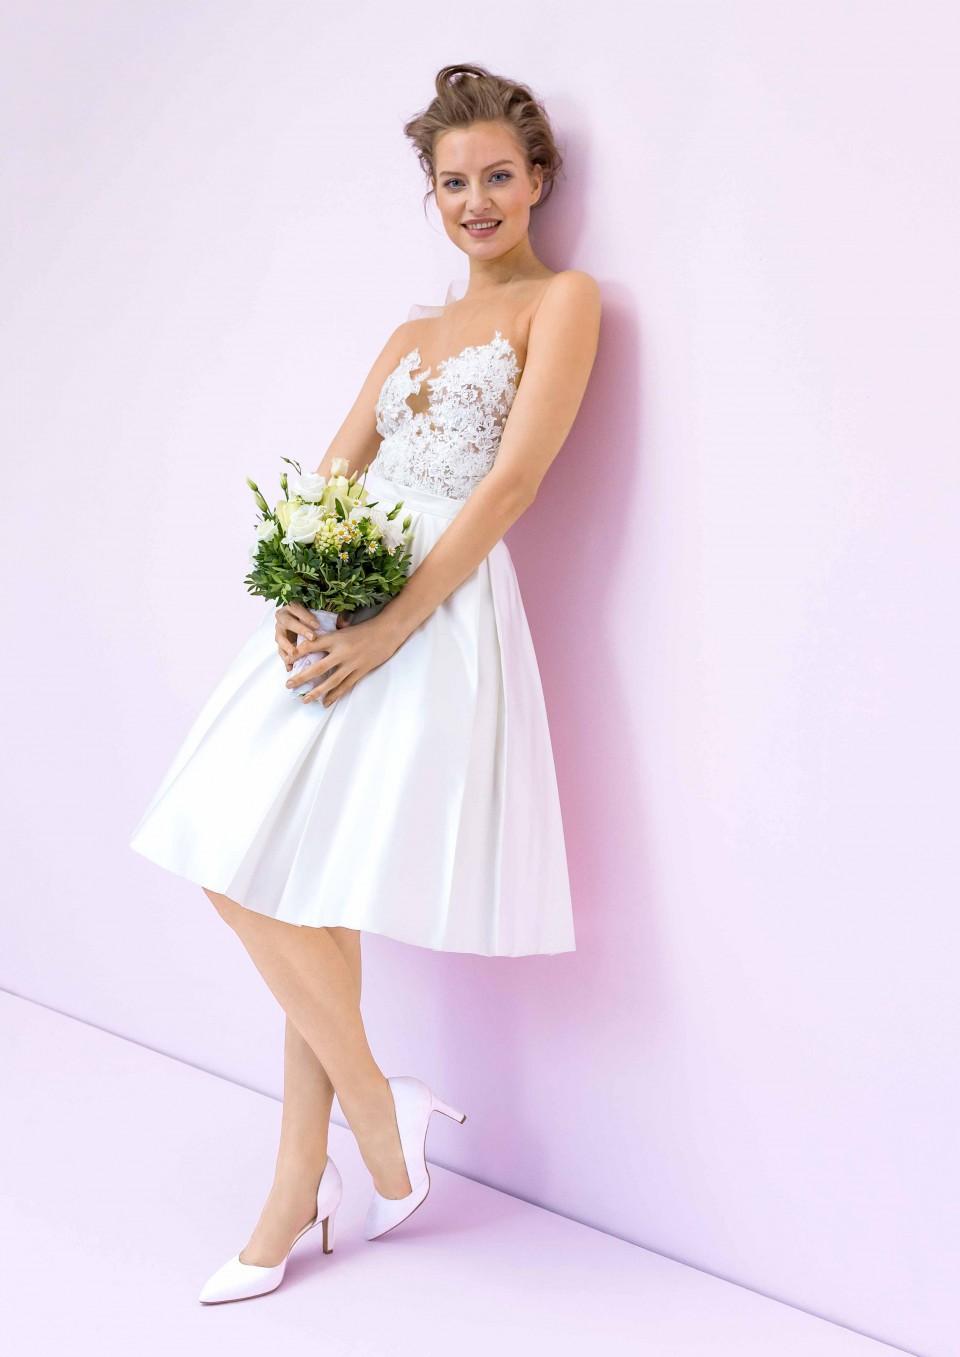 EMANUEL HENDRIK   Alles rund um Brautkleider hier bei mir im Blog!